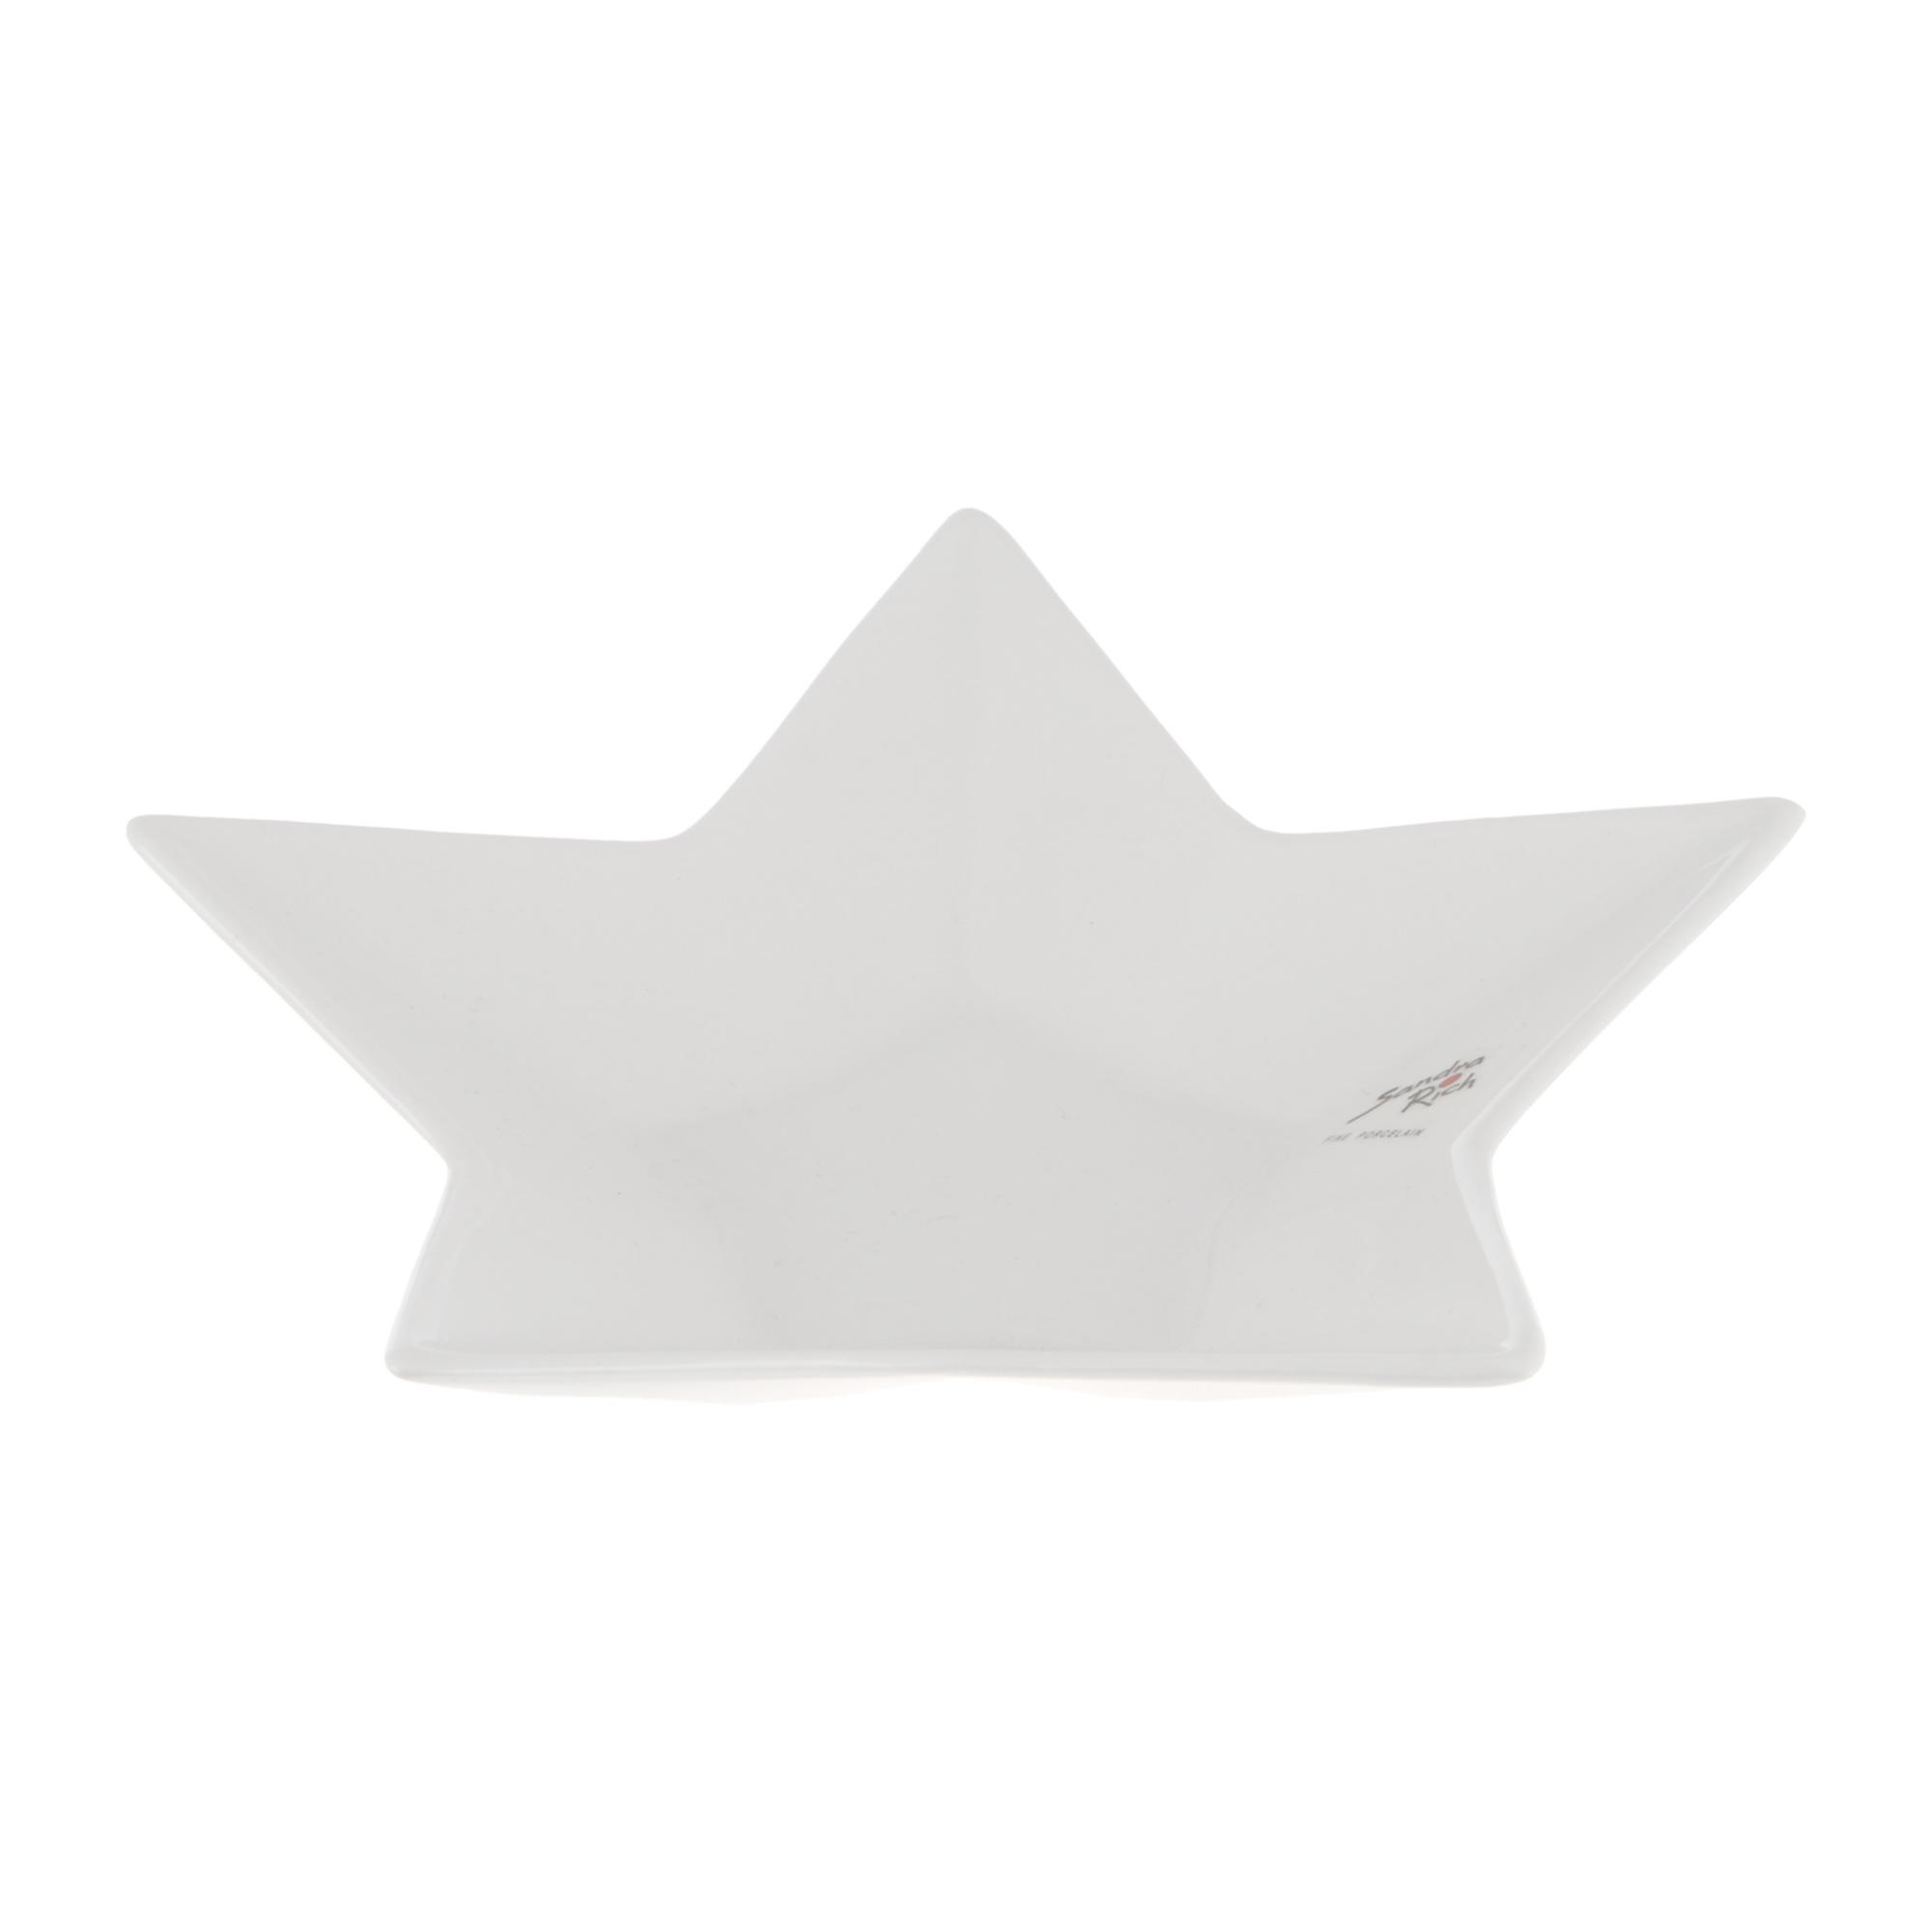 Блюдо Sandra rich star 20x19х4 см блюдо sandra rich star 20x19х4 см